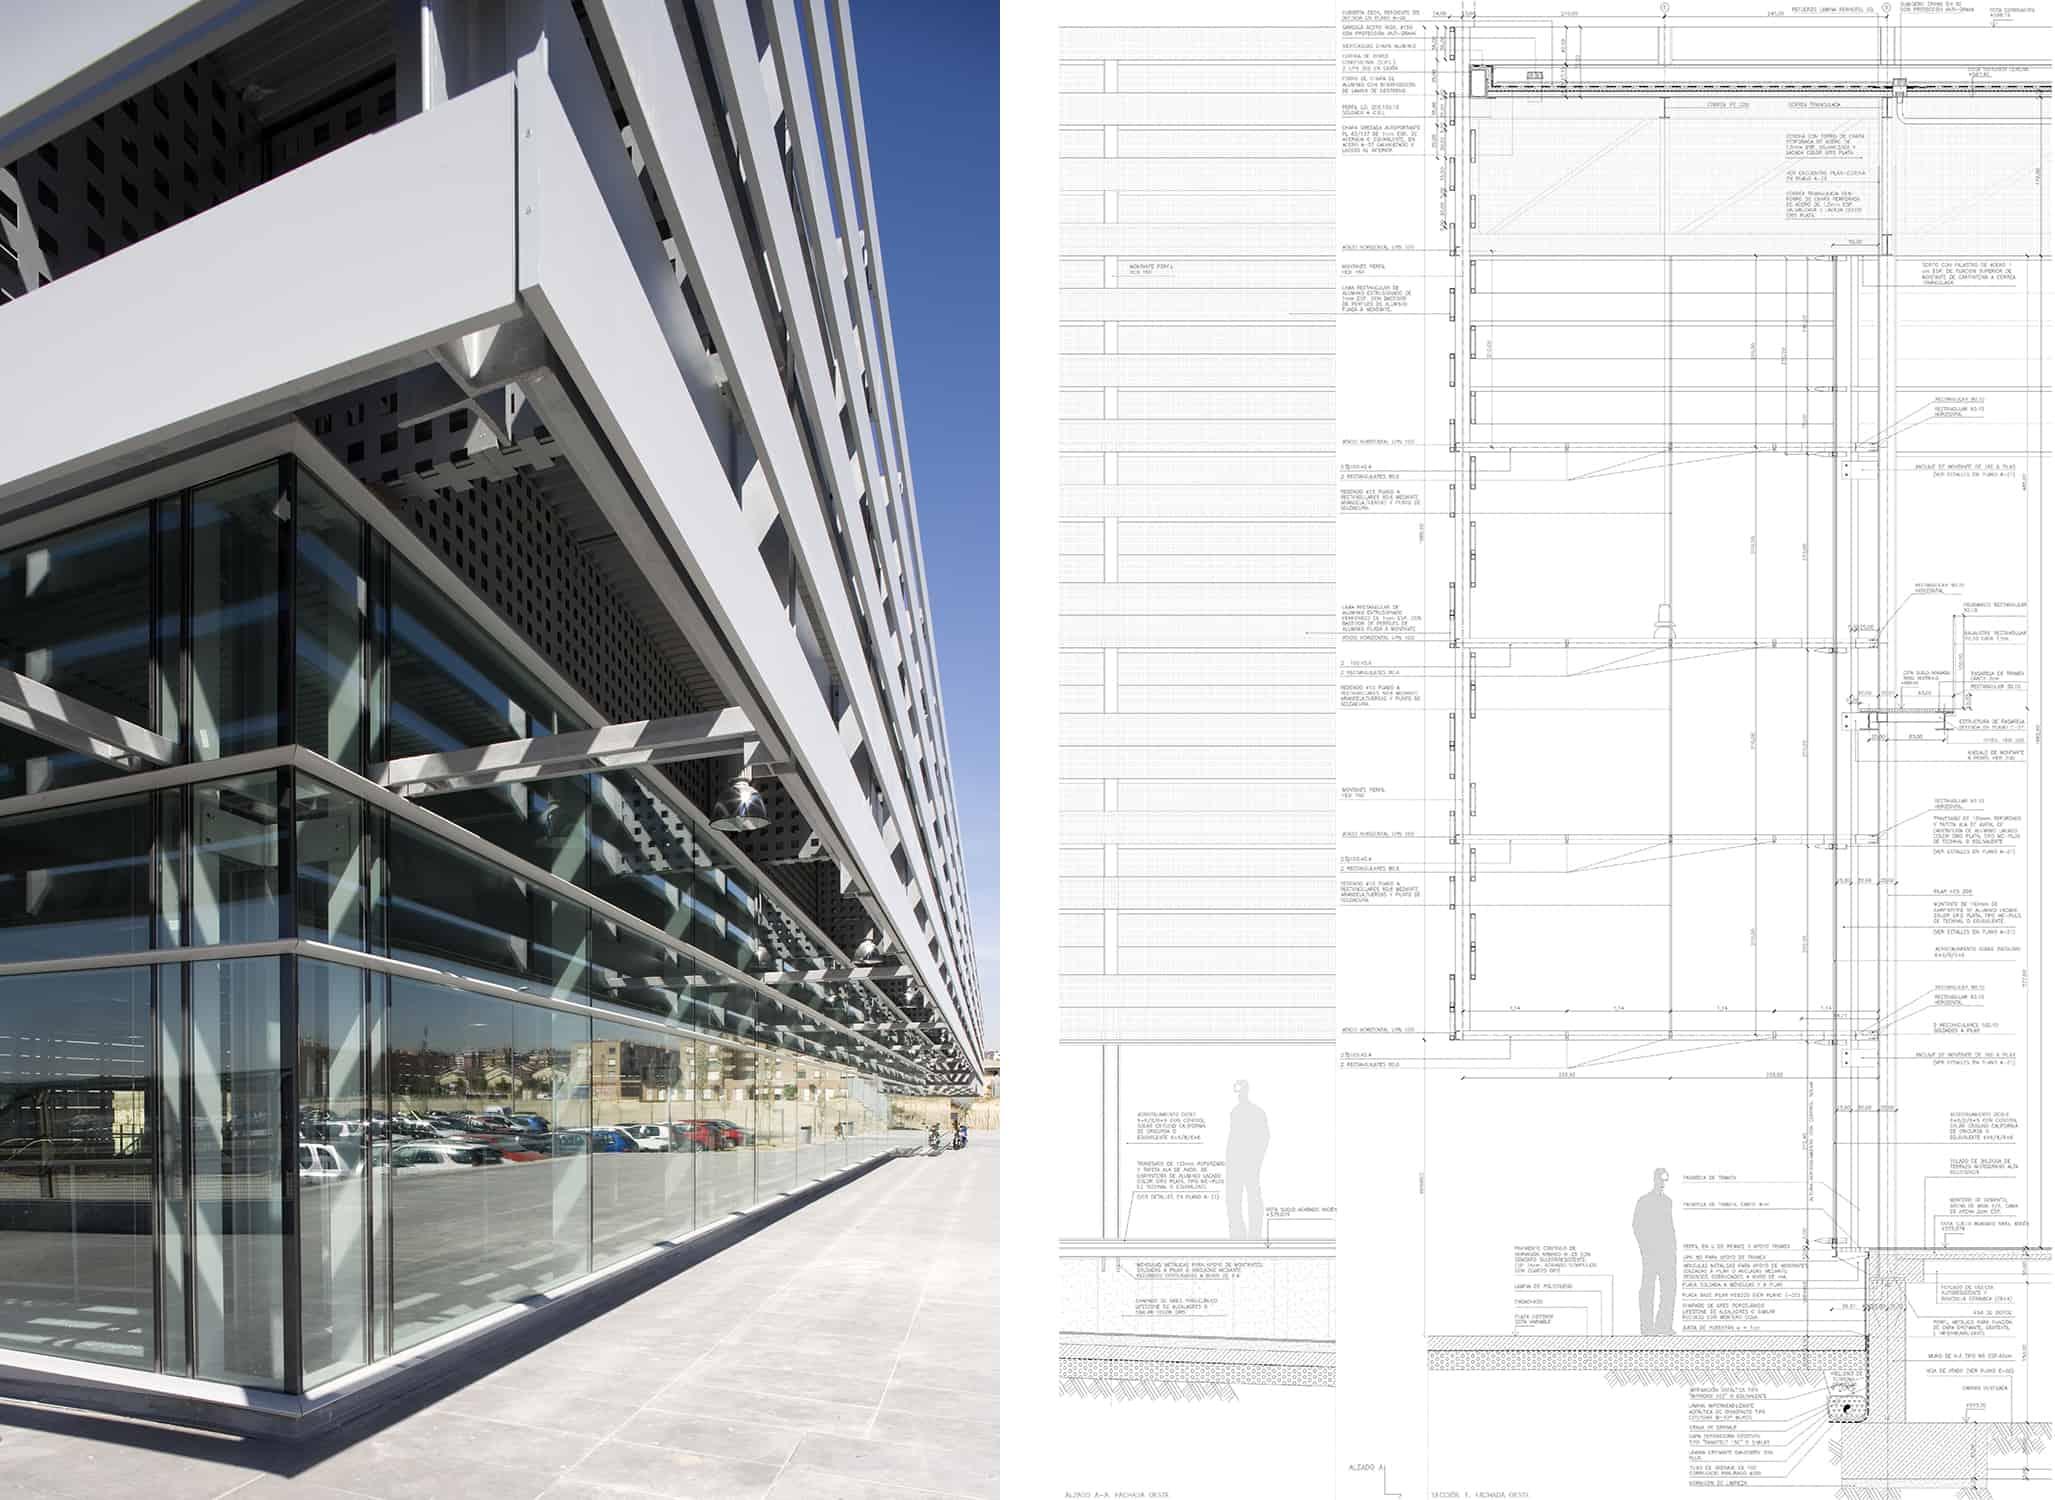 Secciones+Alzados Estación METRO de MADRID_LGV+LANDINEZ+REY   equipo L2G arquitectos, slp [ eL2Gaa ]